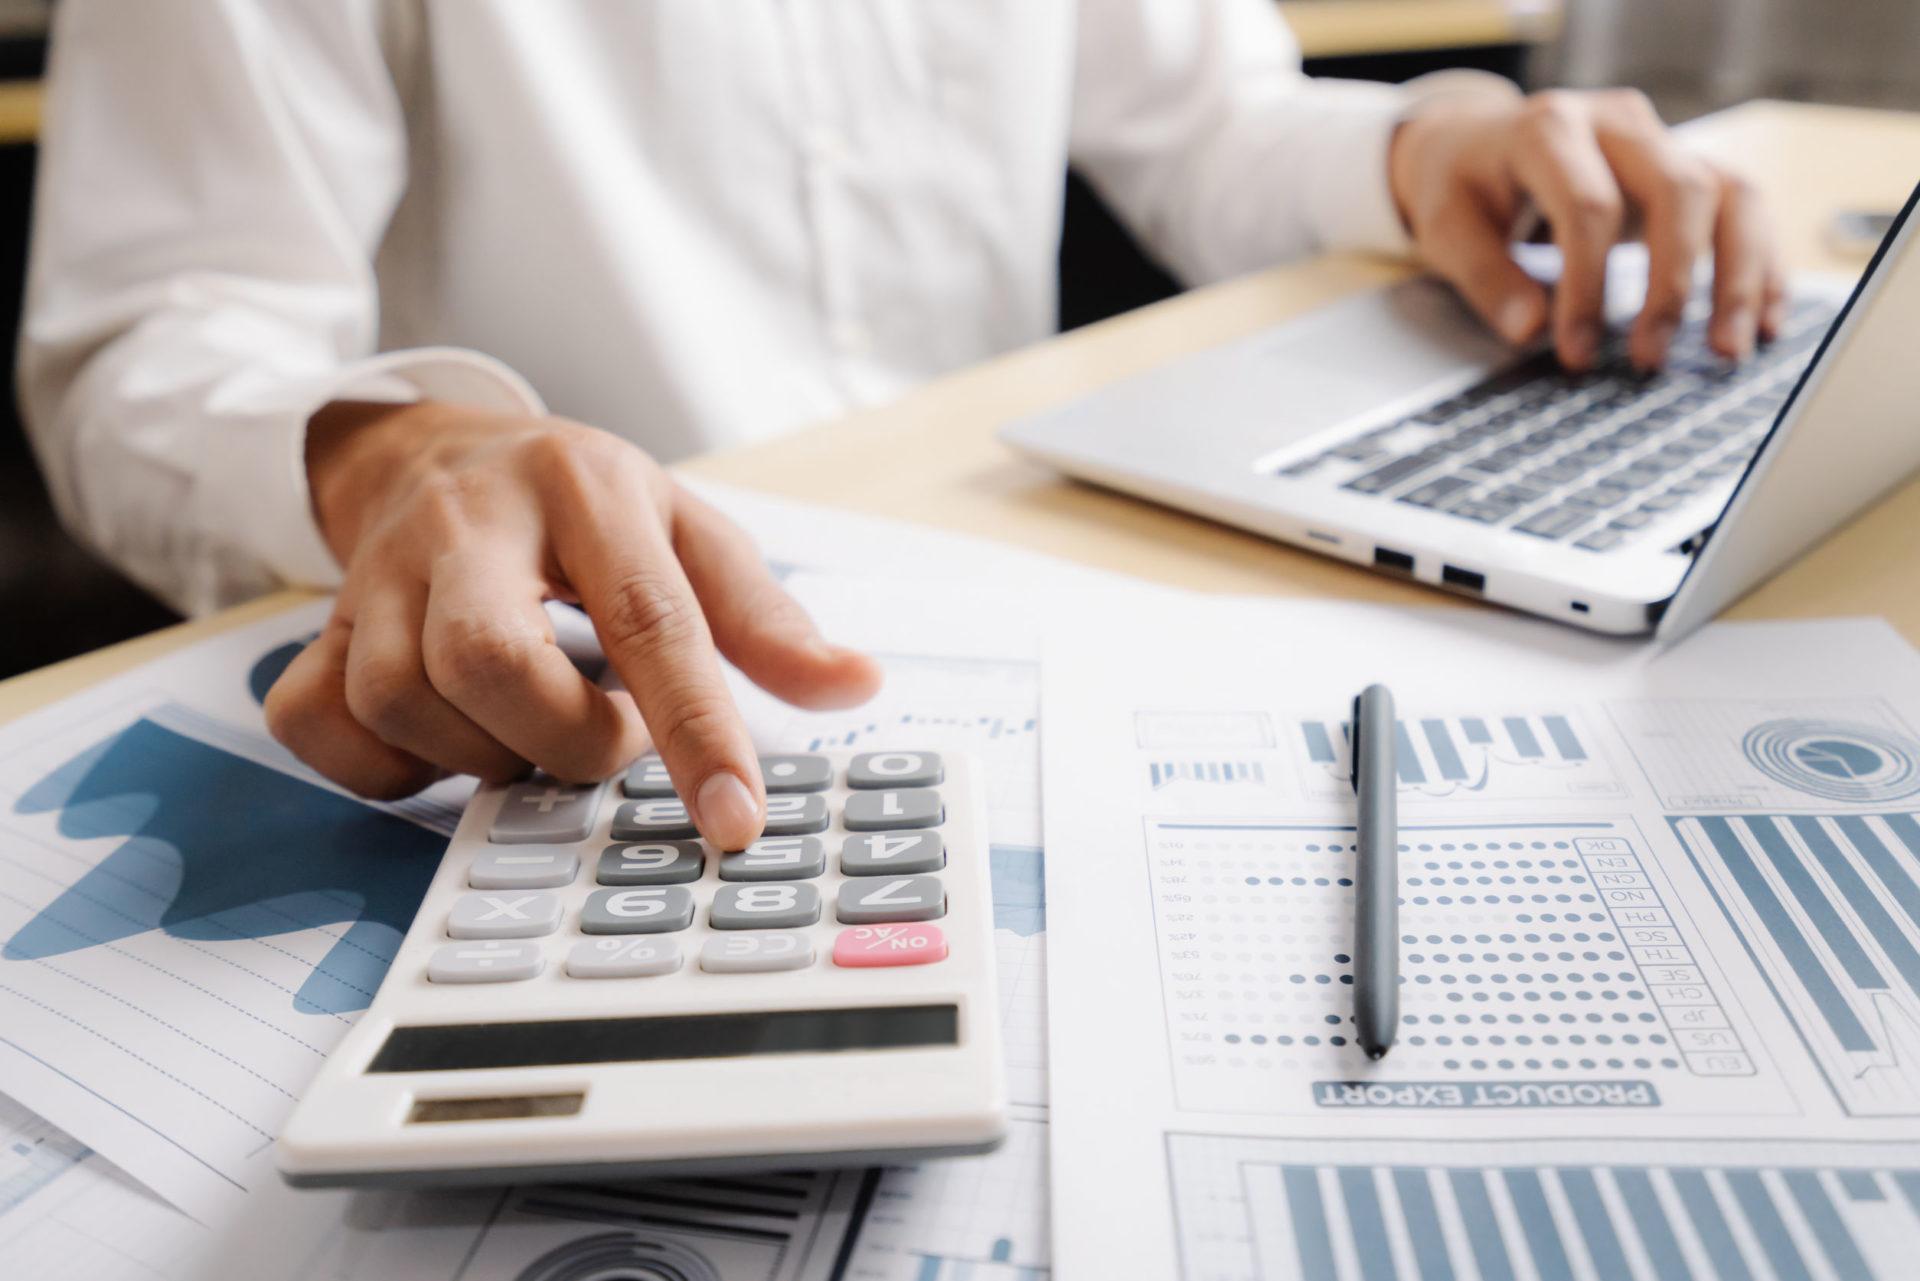 E-facturatie voor accountants- en administratiekantoren